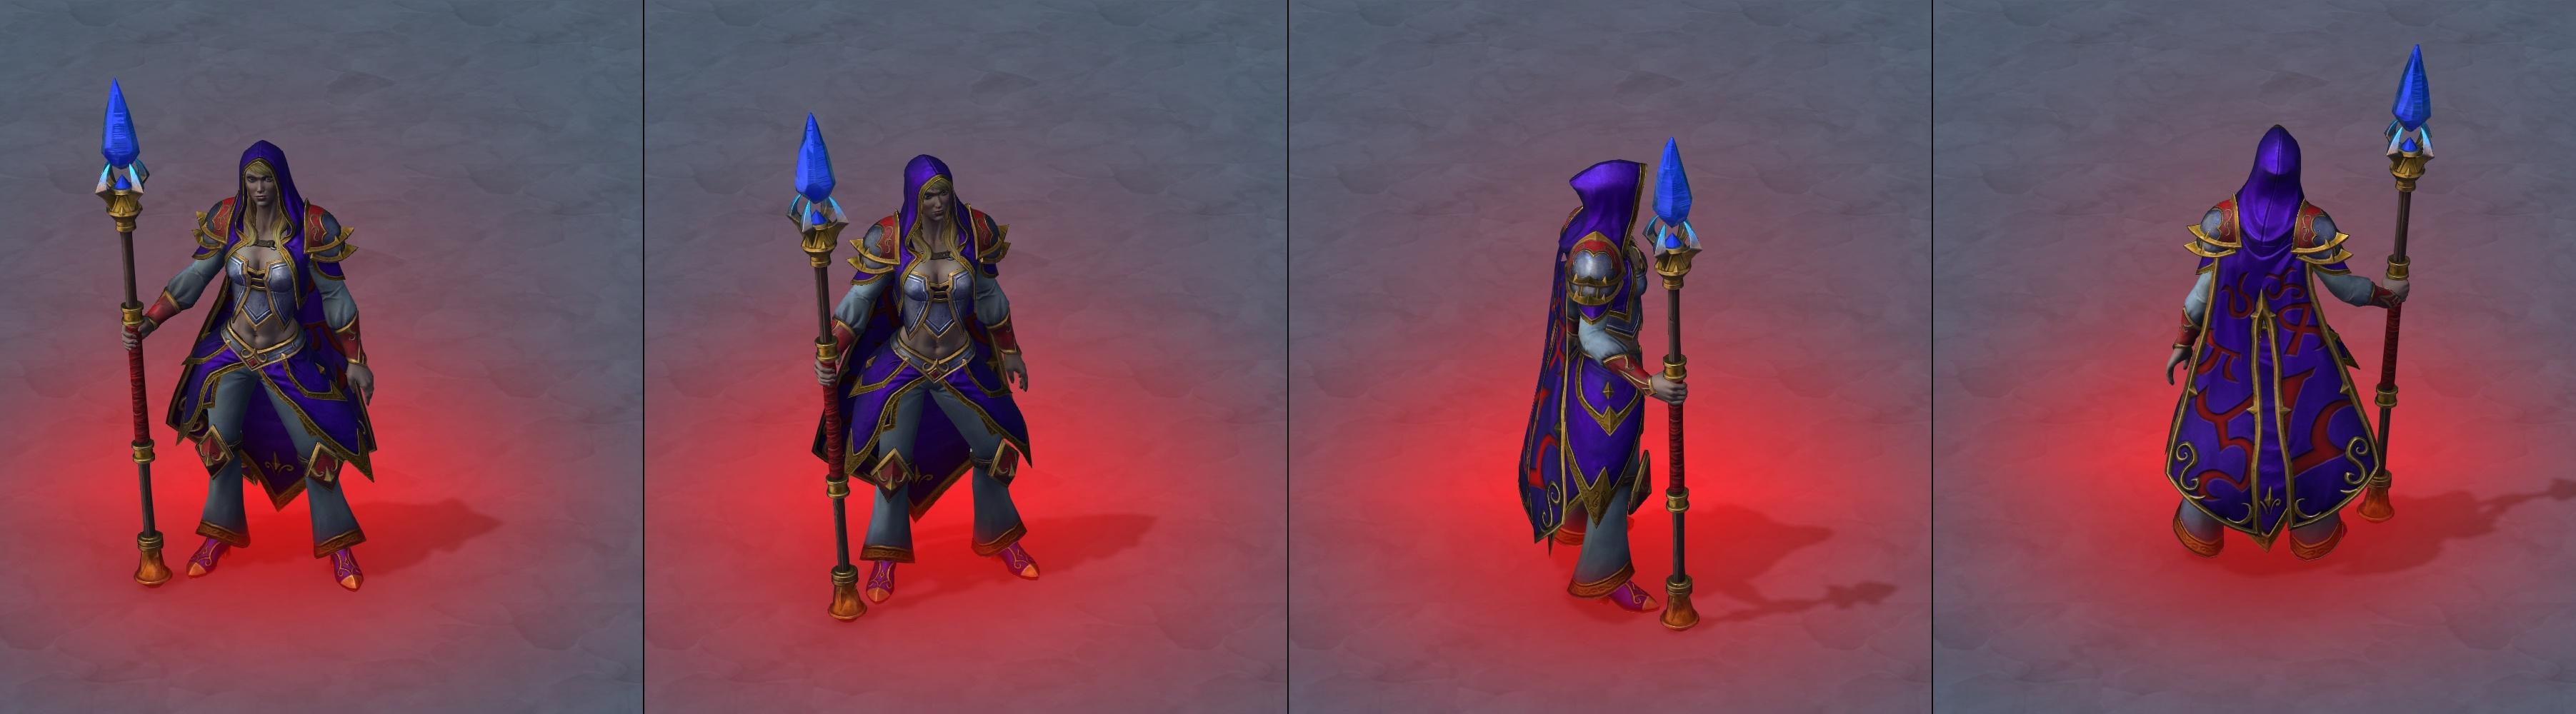 Утечка: озвучка и модели Сильваны, Артаса, Джайны и других персонажей Wacraft III: Reforged 15